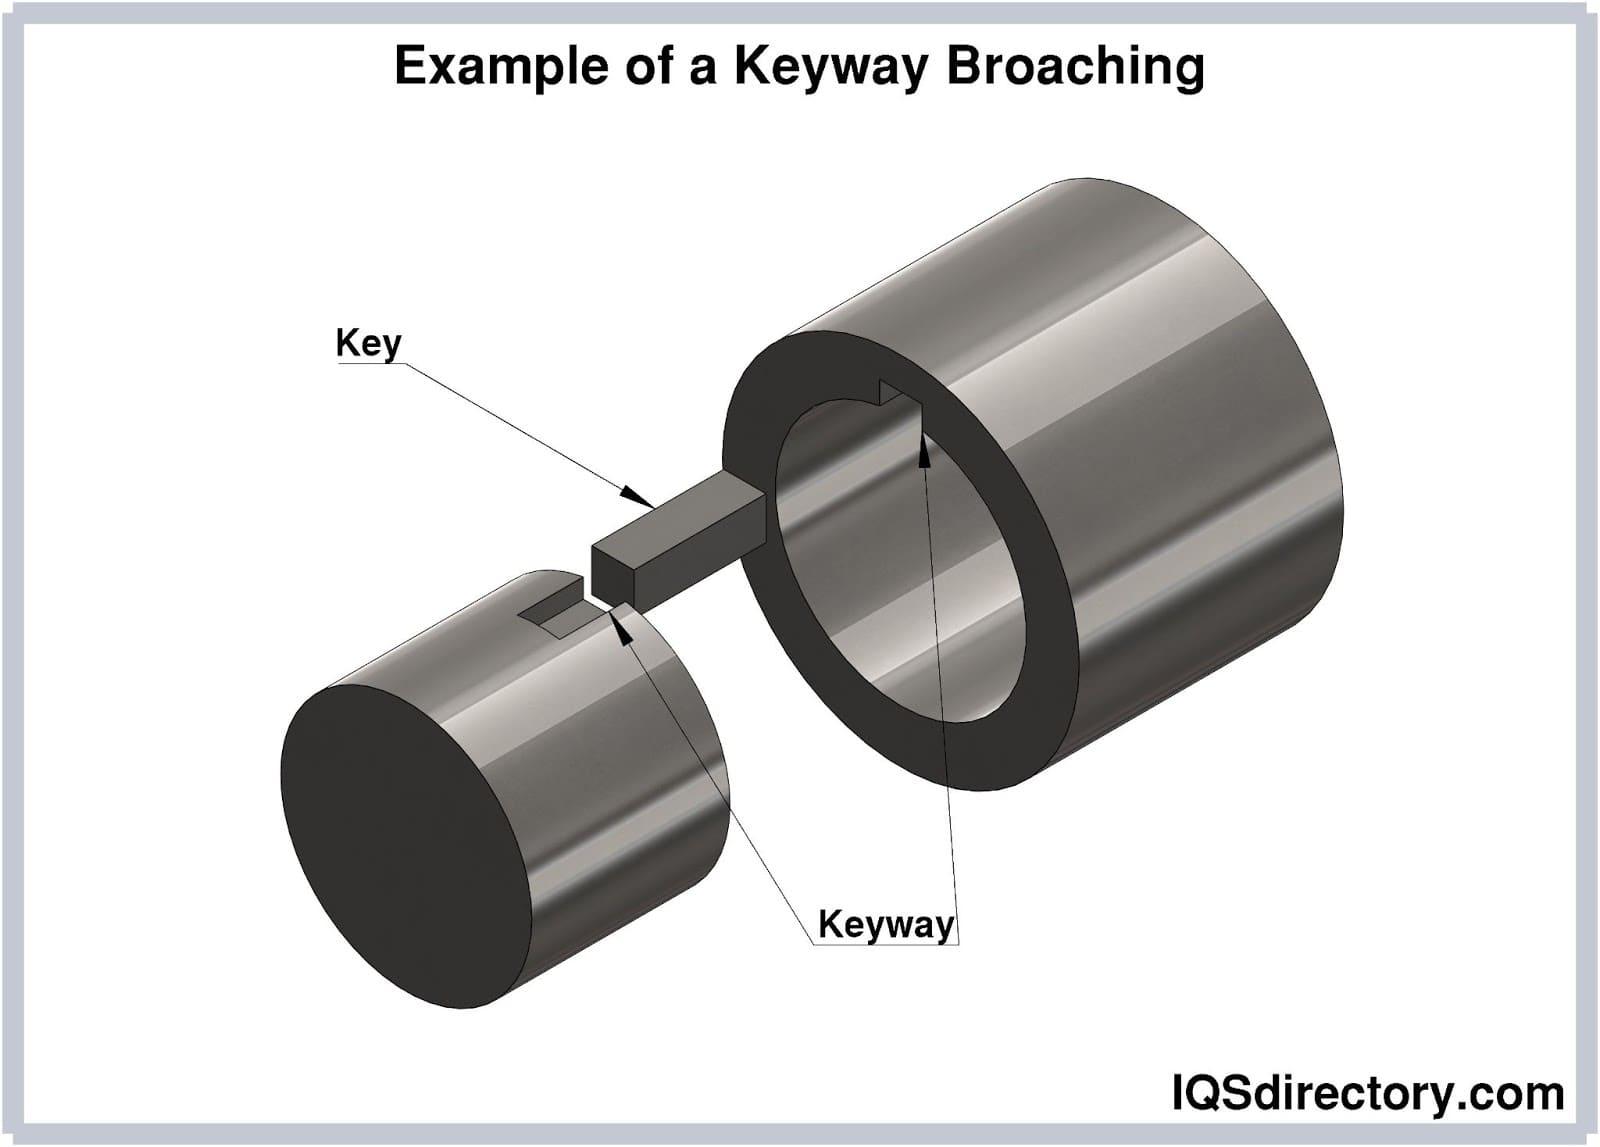 Example of a Keyway Broaching